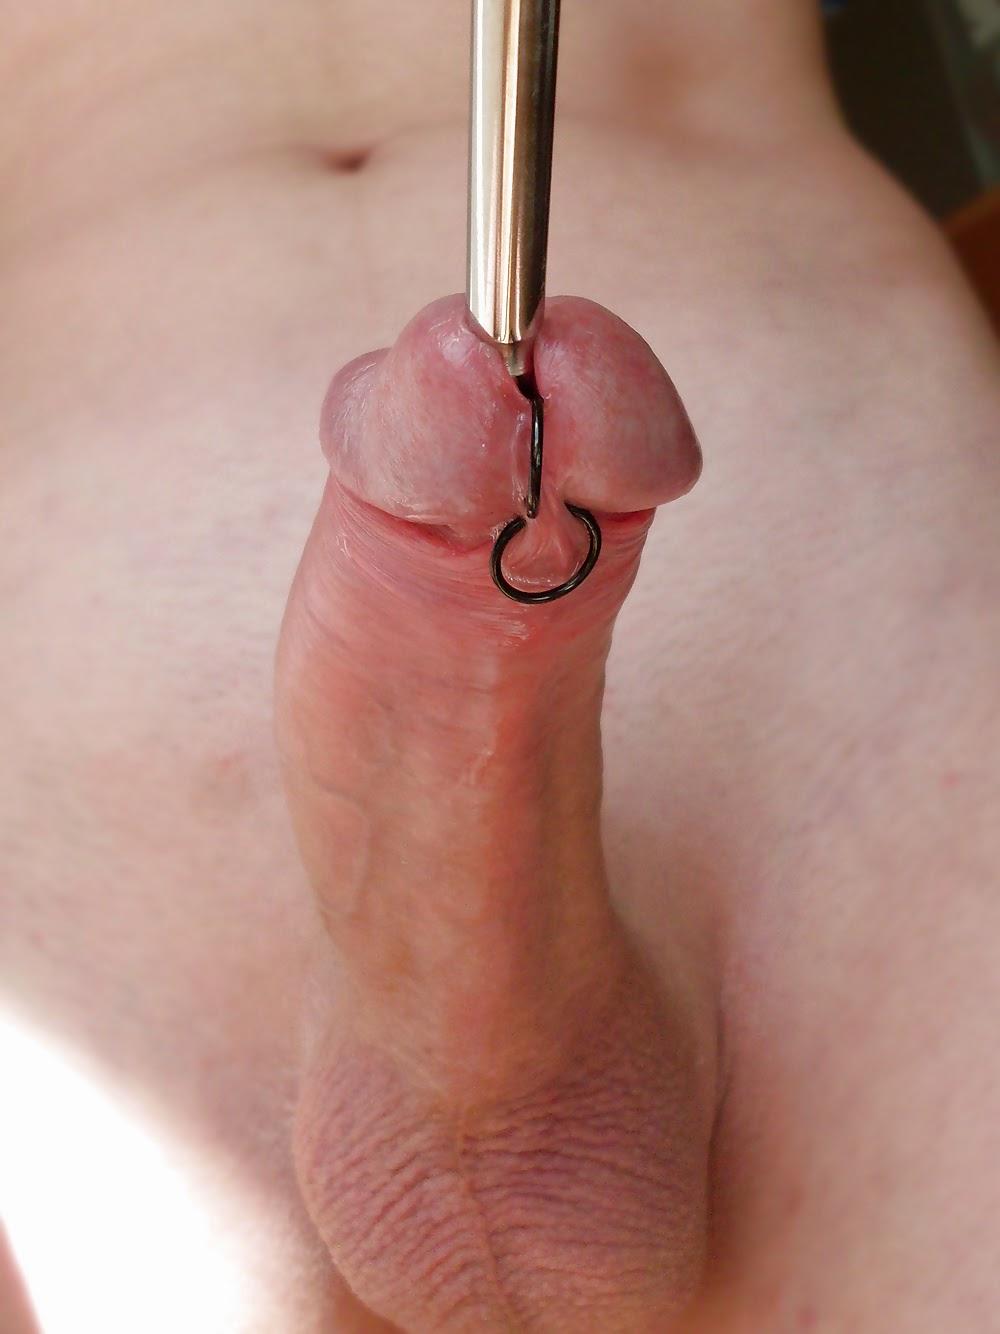 Urethral Sounding Cum